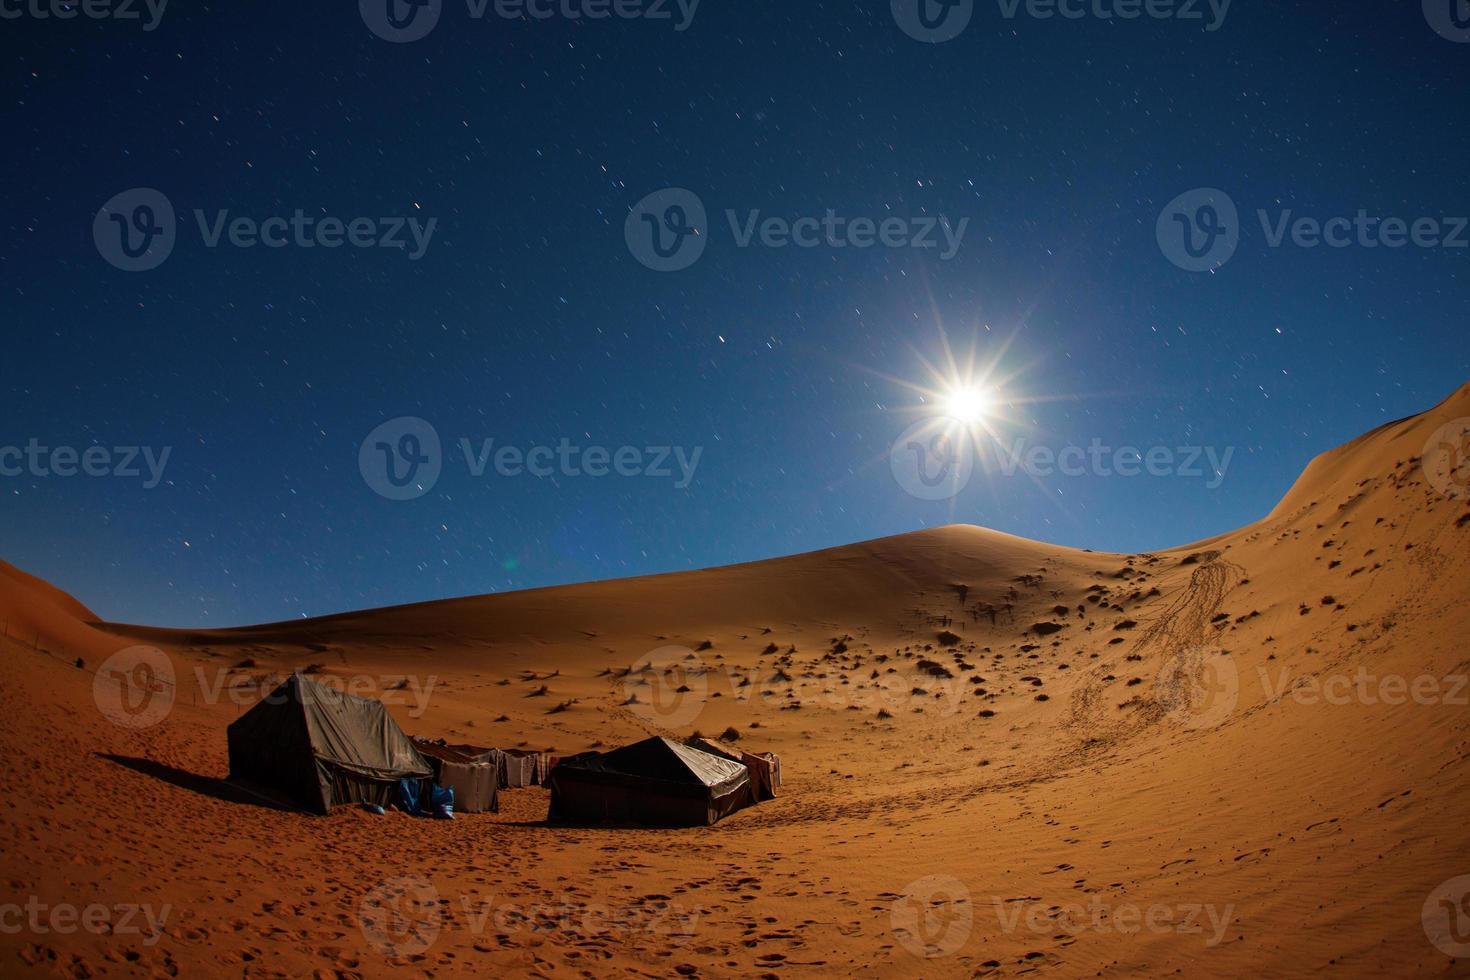 kamp in de Sahara woestijn nacht met maan en bewegende ster foto